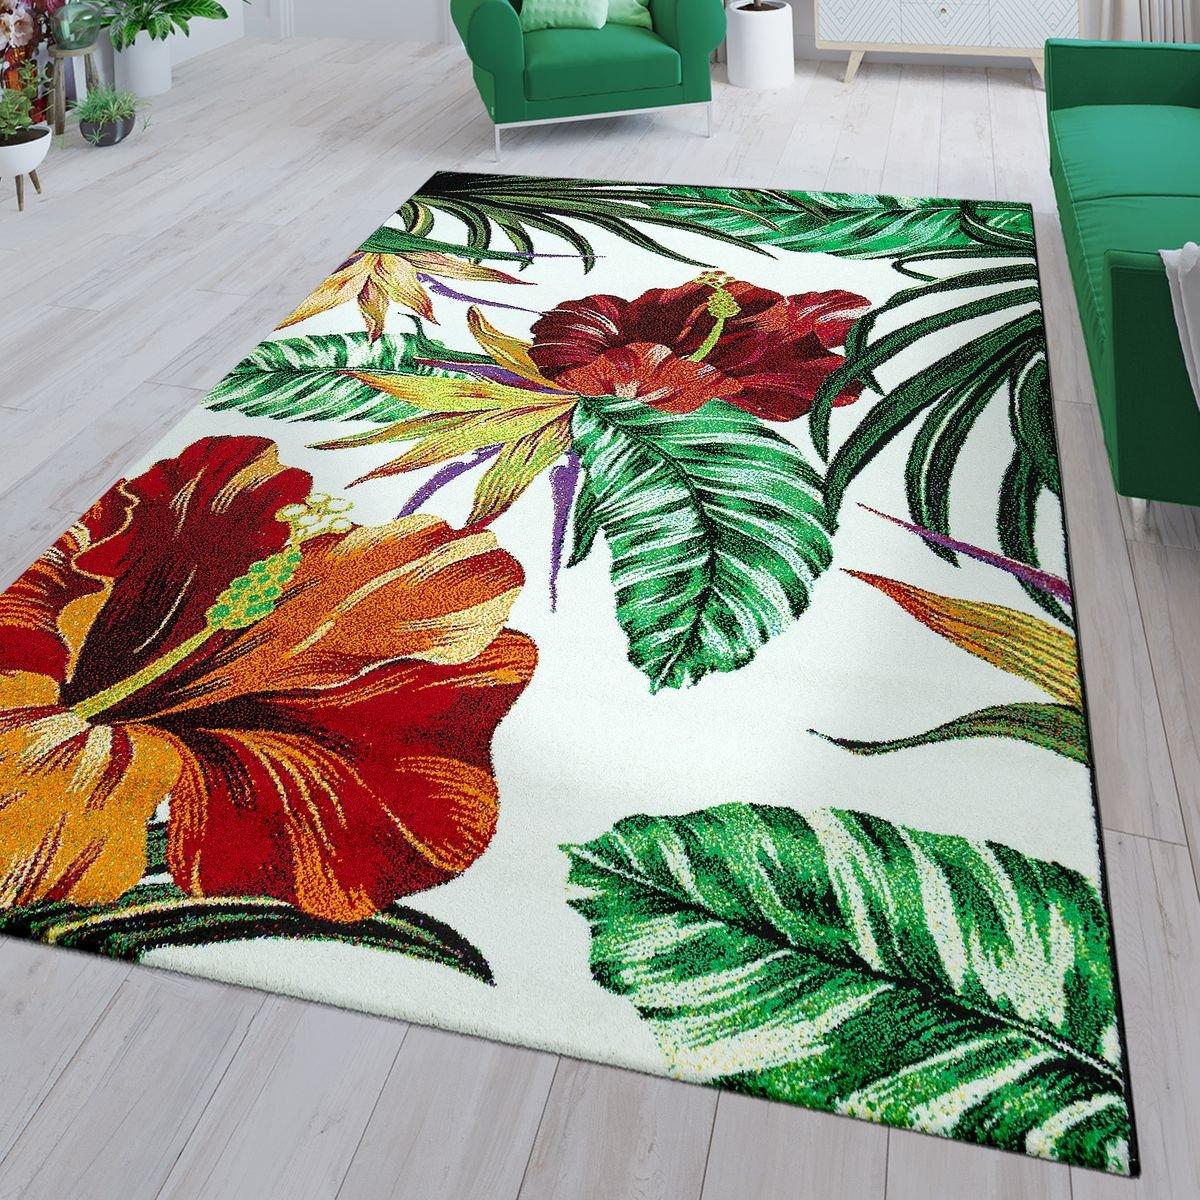 TT Home Moderner Kurzflor Teppich Grünery Exotische Blumen Muster Weiß Grün Rot Orange, Größe 120x170 cm